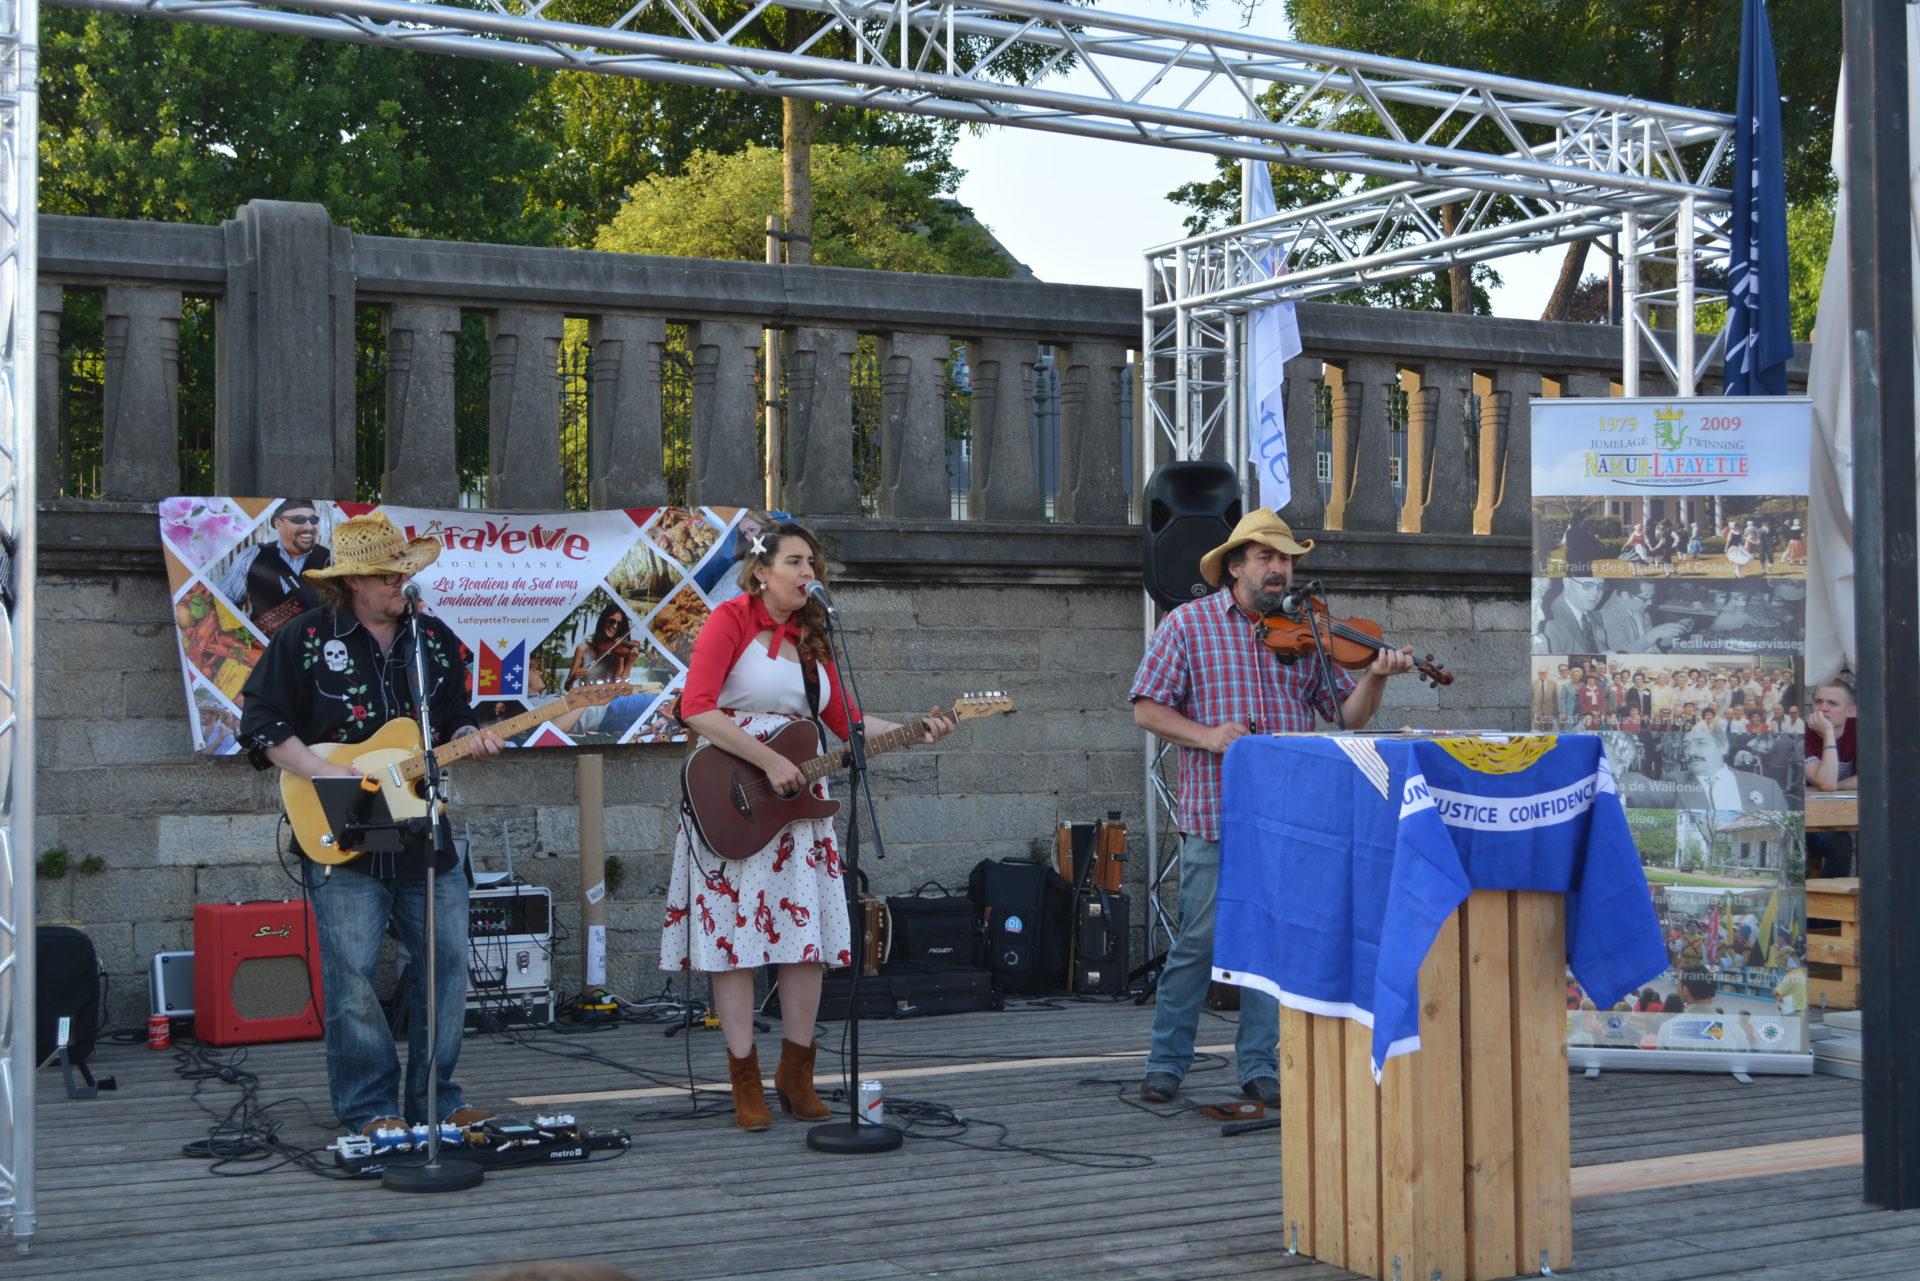 40 ans de jumelage : festivités à Namur - Concert d'Emilie Virdine